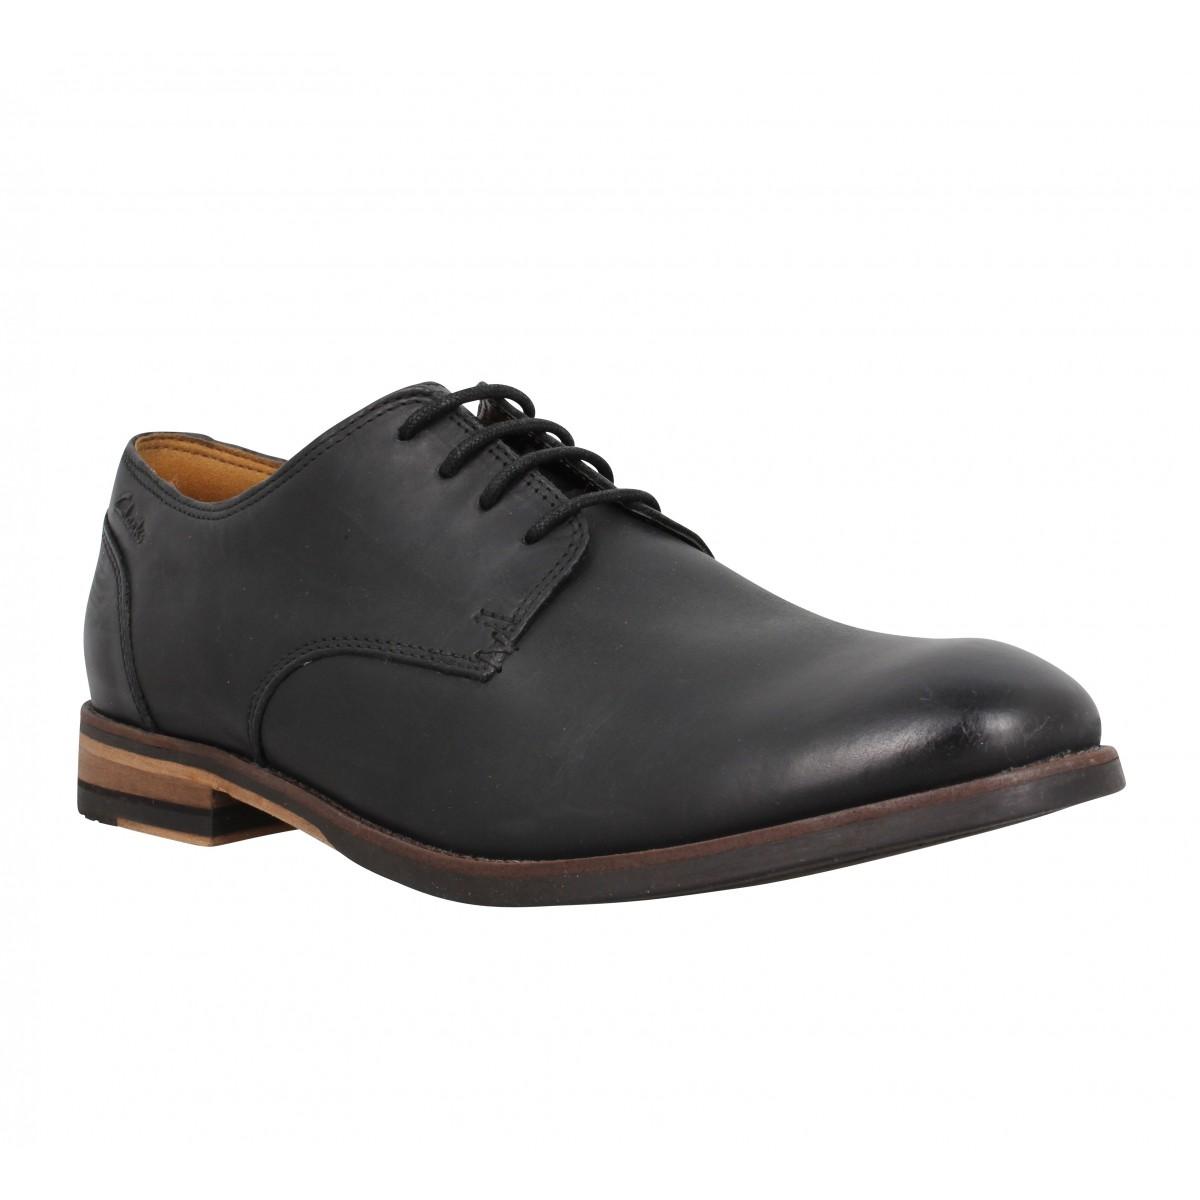 Chaussures à lacets CLARKS Exton Walk cuir Homme Noir